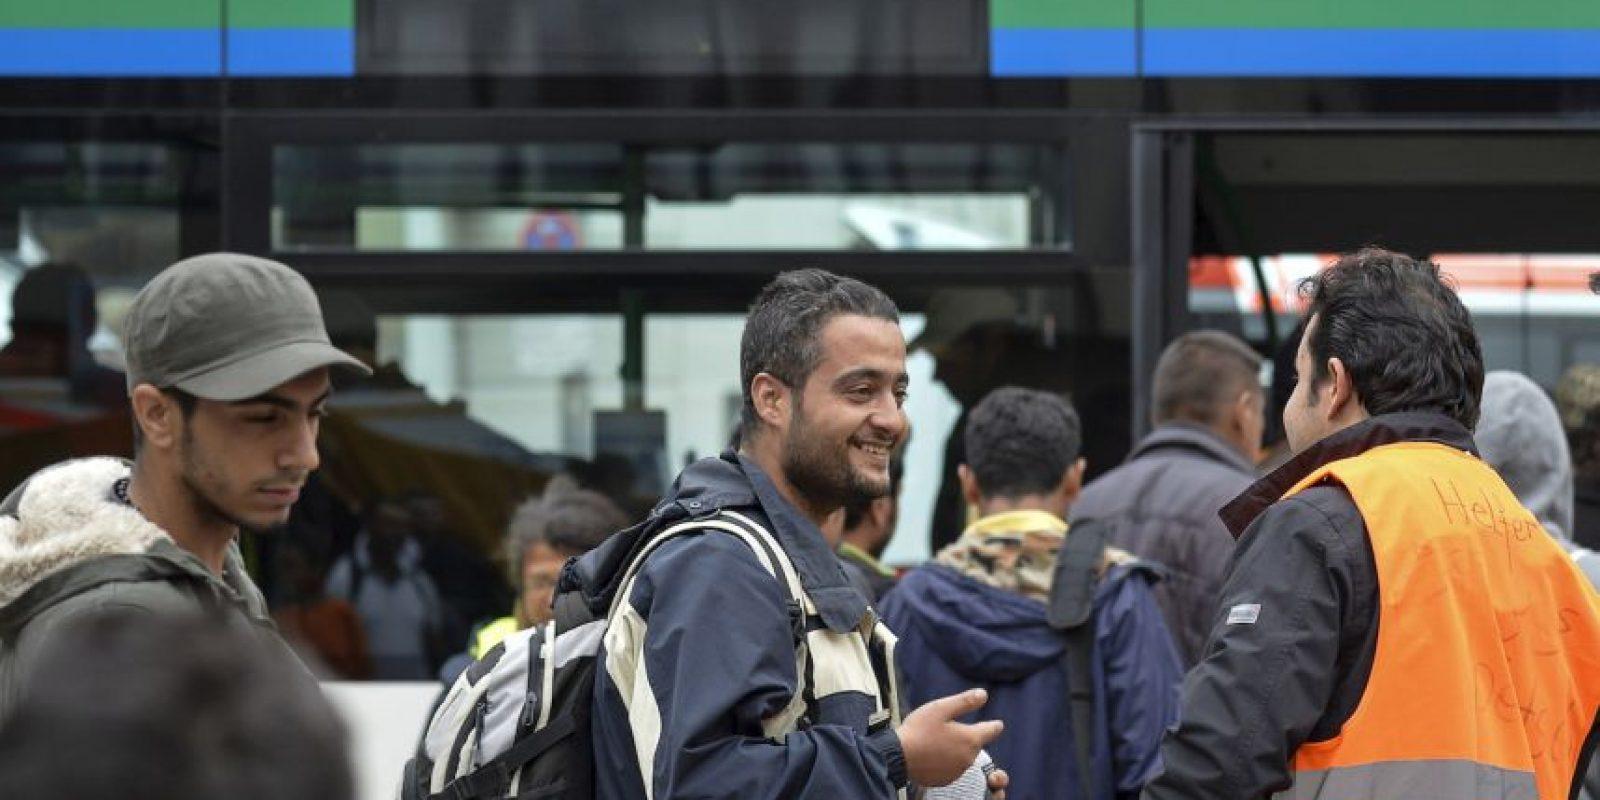 4. Aquellos que resulten contar con una petición válida de protección internacional tras un estudio preliminar, deben poder beneficiarse de programas de reubicación a gran escala, con la participación obligatoria de todos los Estados miembros de la Unión Europea. Foto:Getty Images